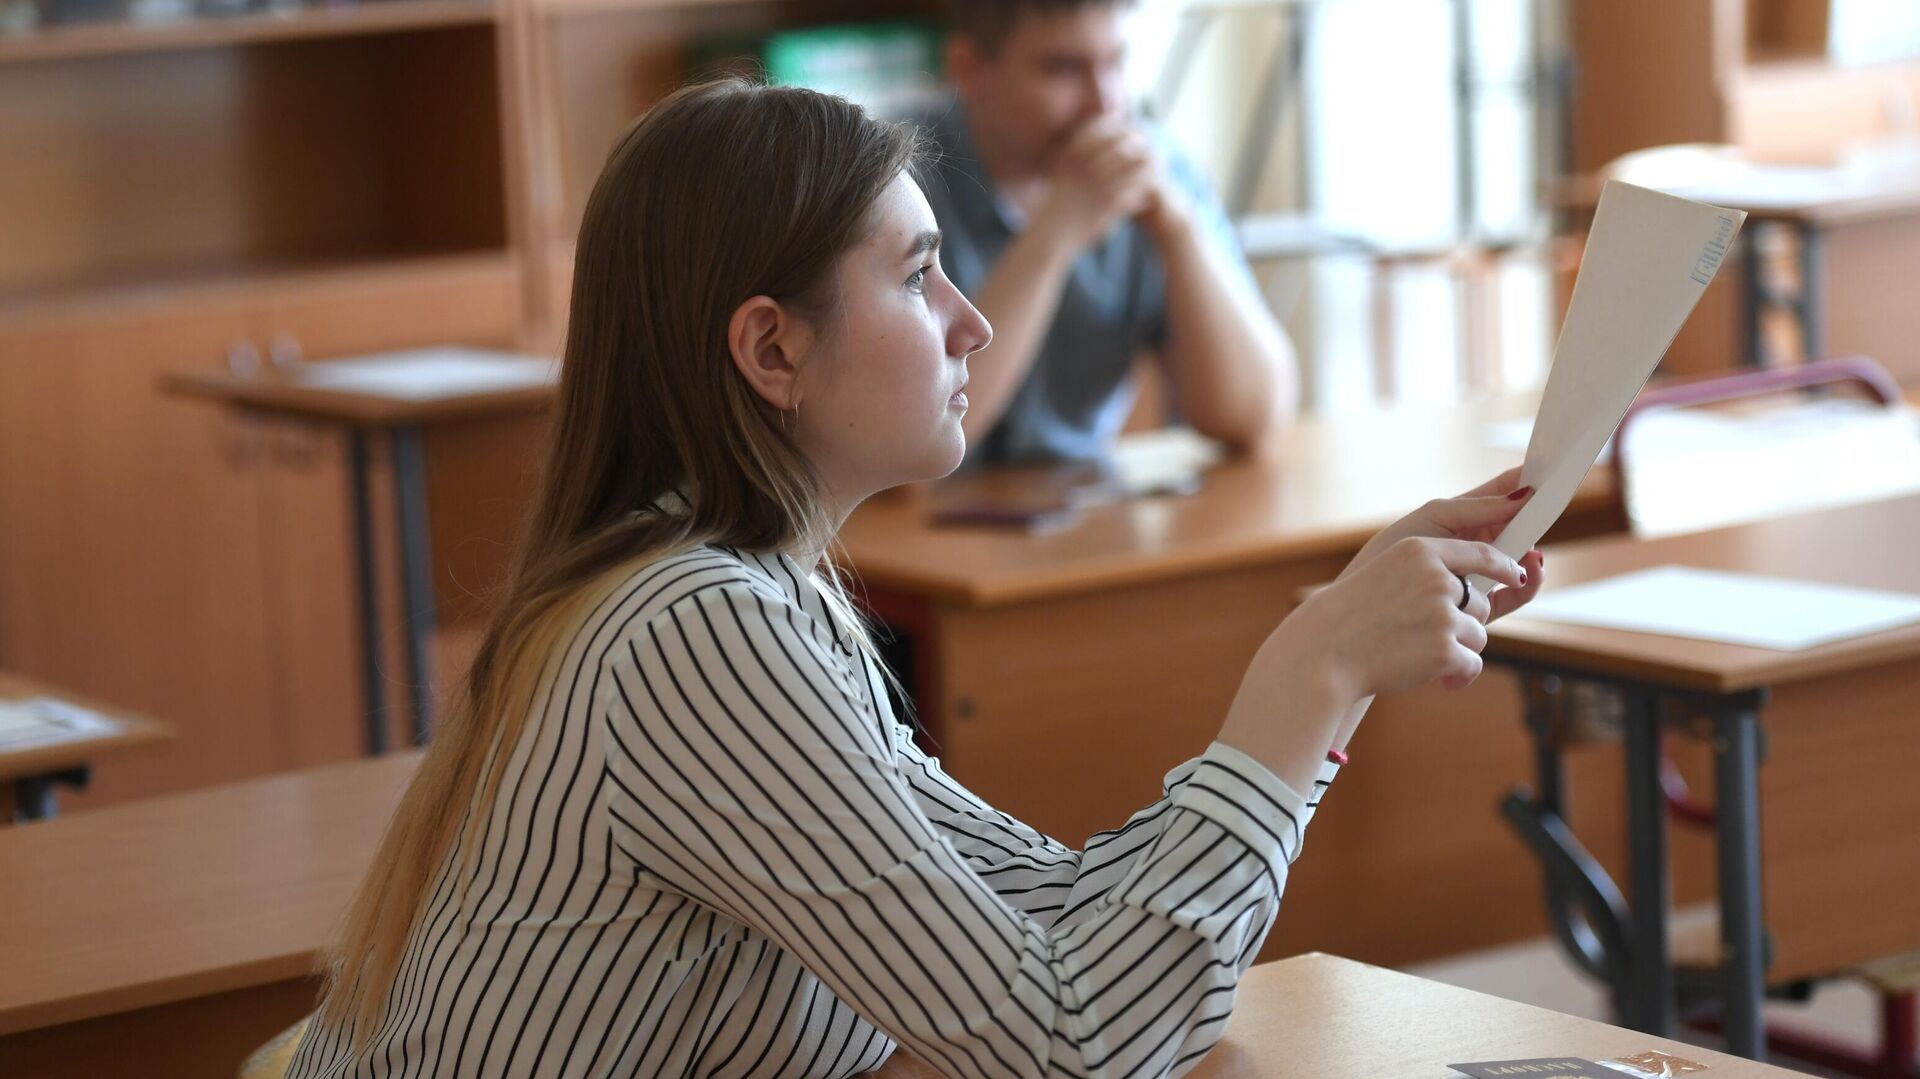 Экзамен в одной из школ Москвы  - РИА Новости, 1920, 03.11.2020